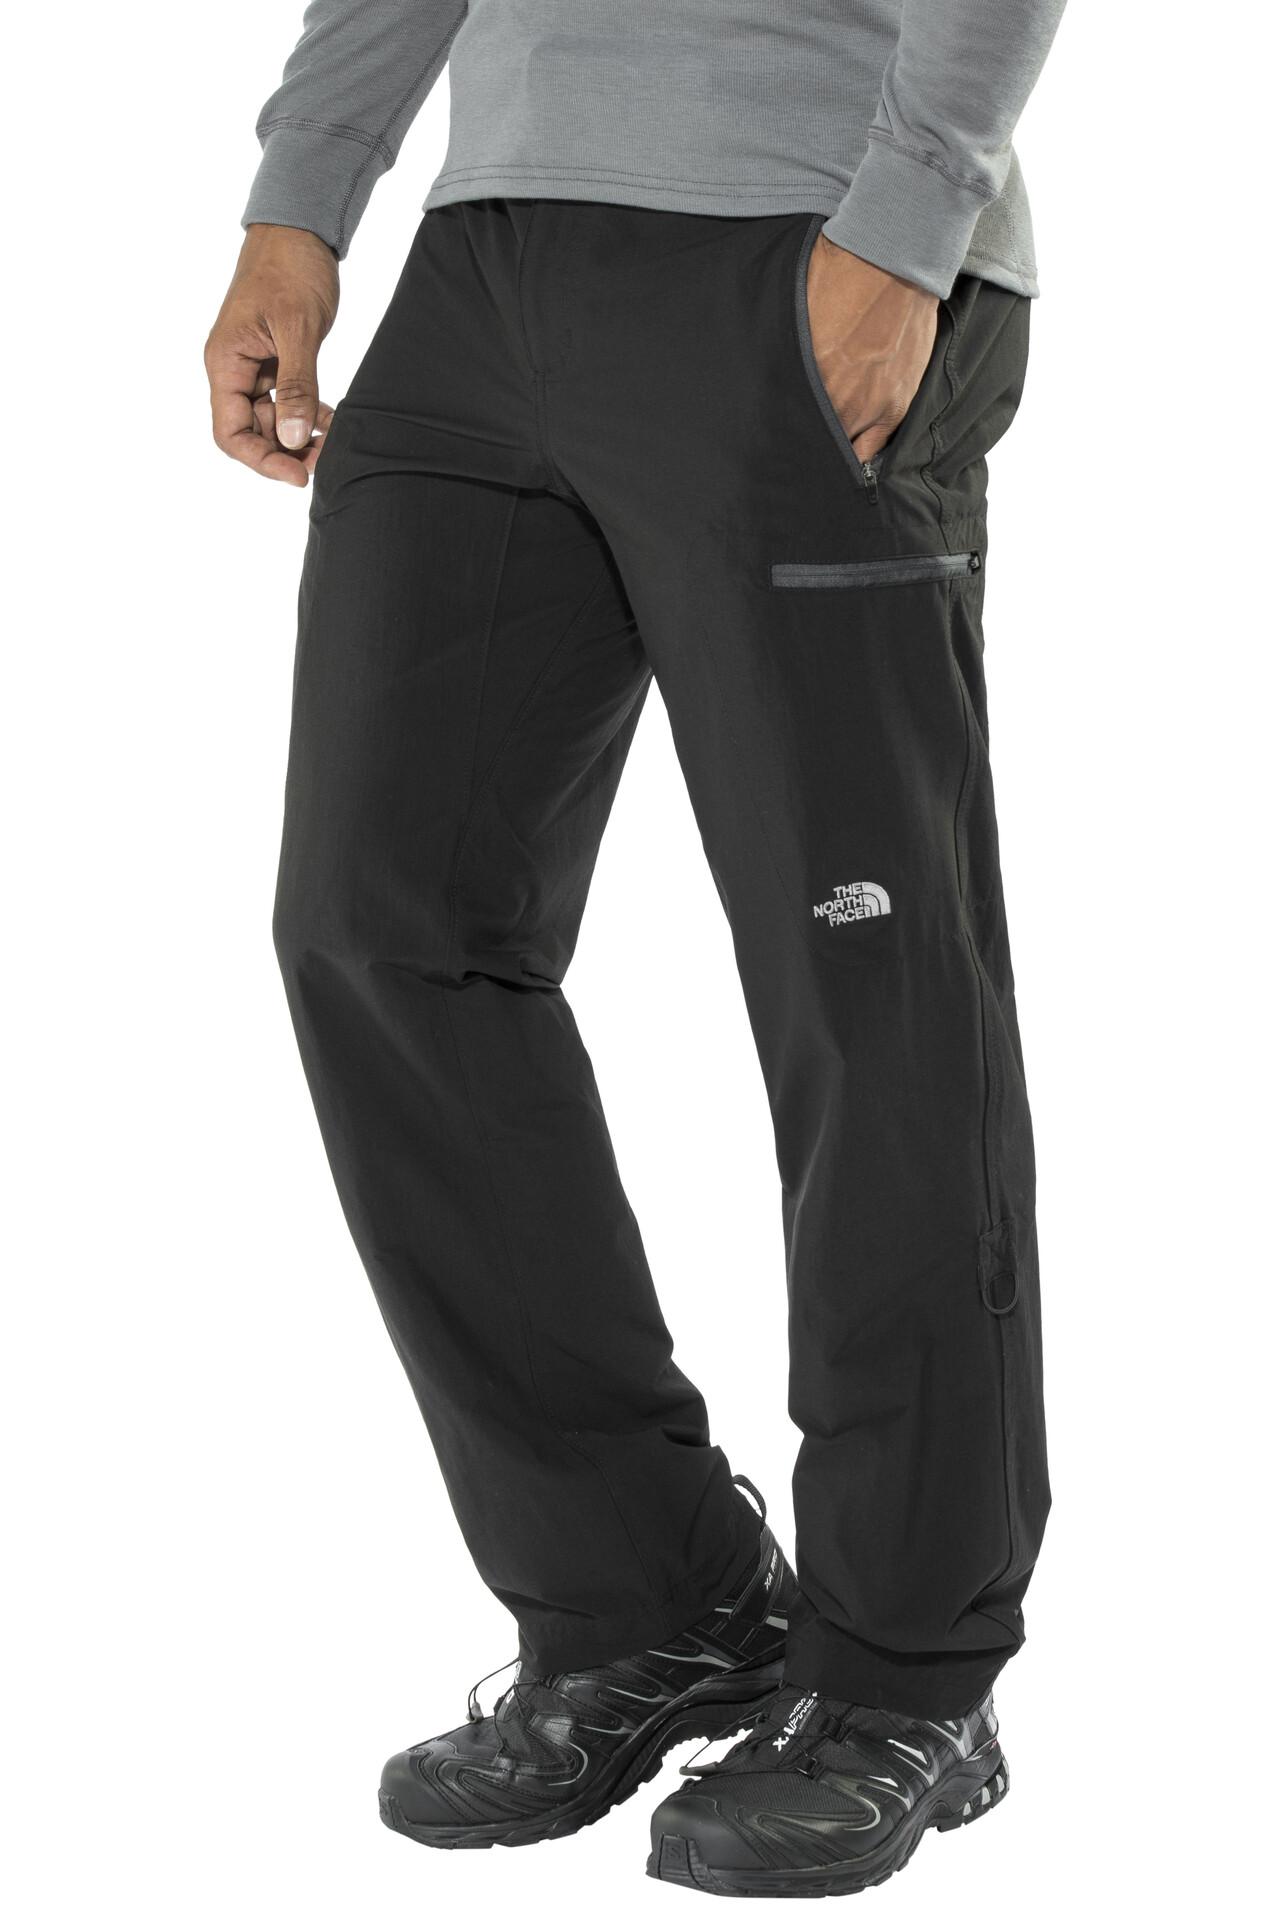 pantalones north face hombre